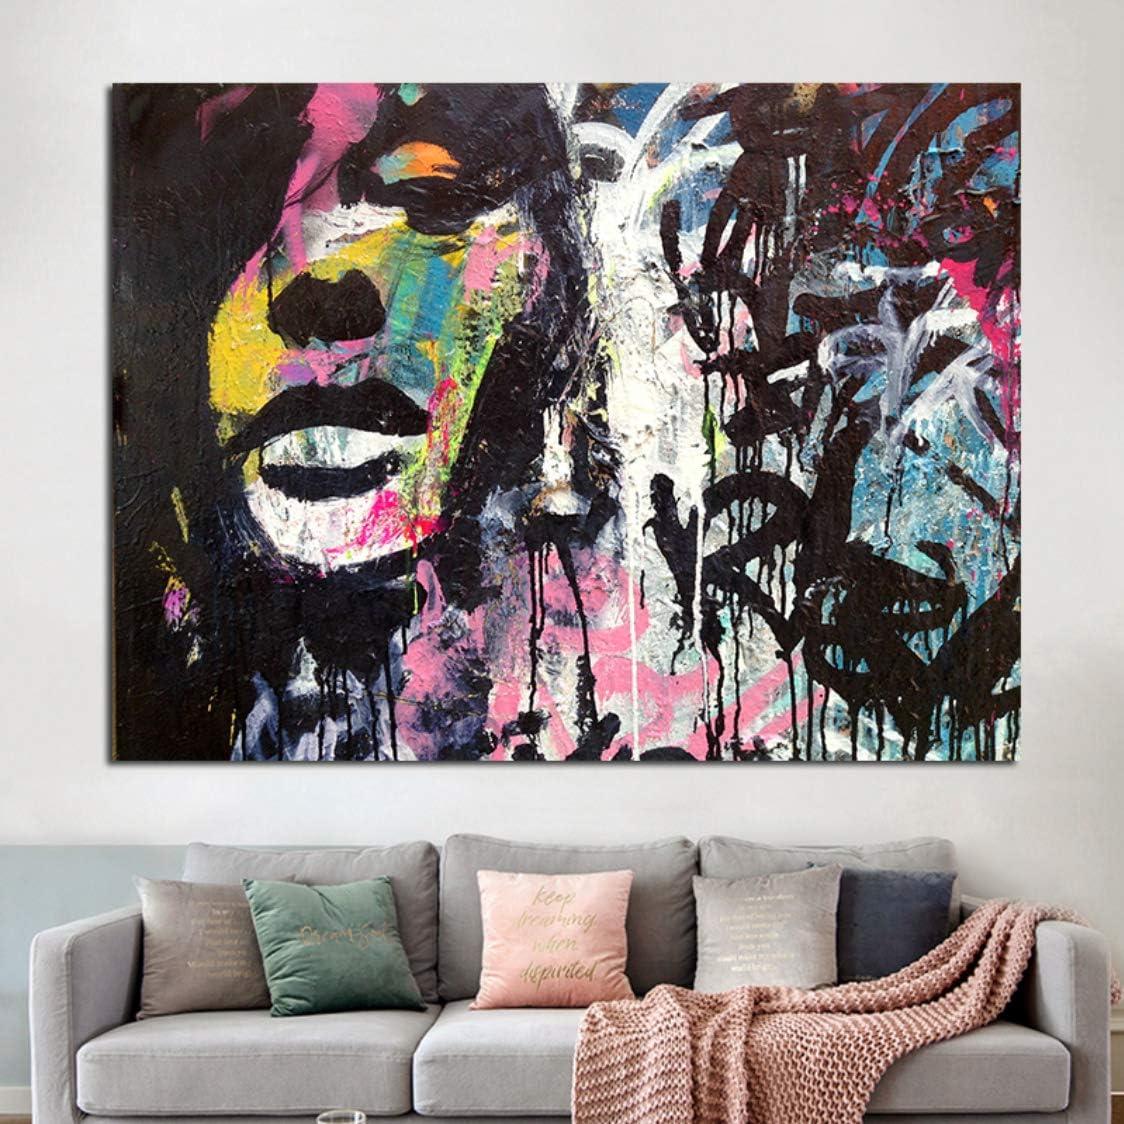 Danjiao Famoso Pintor Abstracto Mujeres Pared Arte Cuadros Moderno Lienzo Pintura Imagen Gráfica Regalo Decoración Del Hogar Para Dormitorio Carteles Sala De Estar Decor 40x60cm